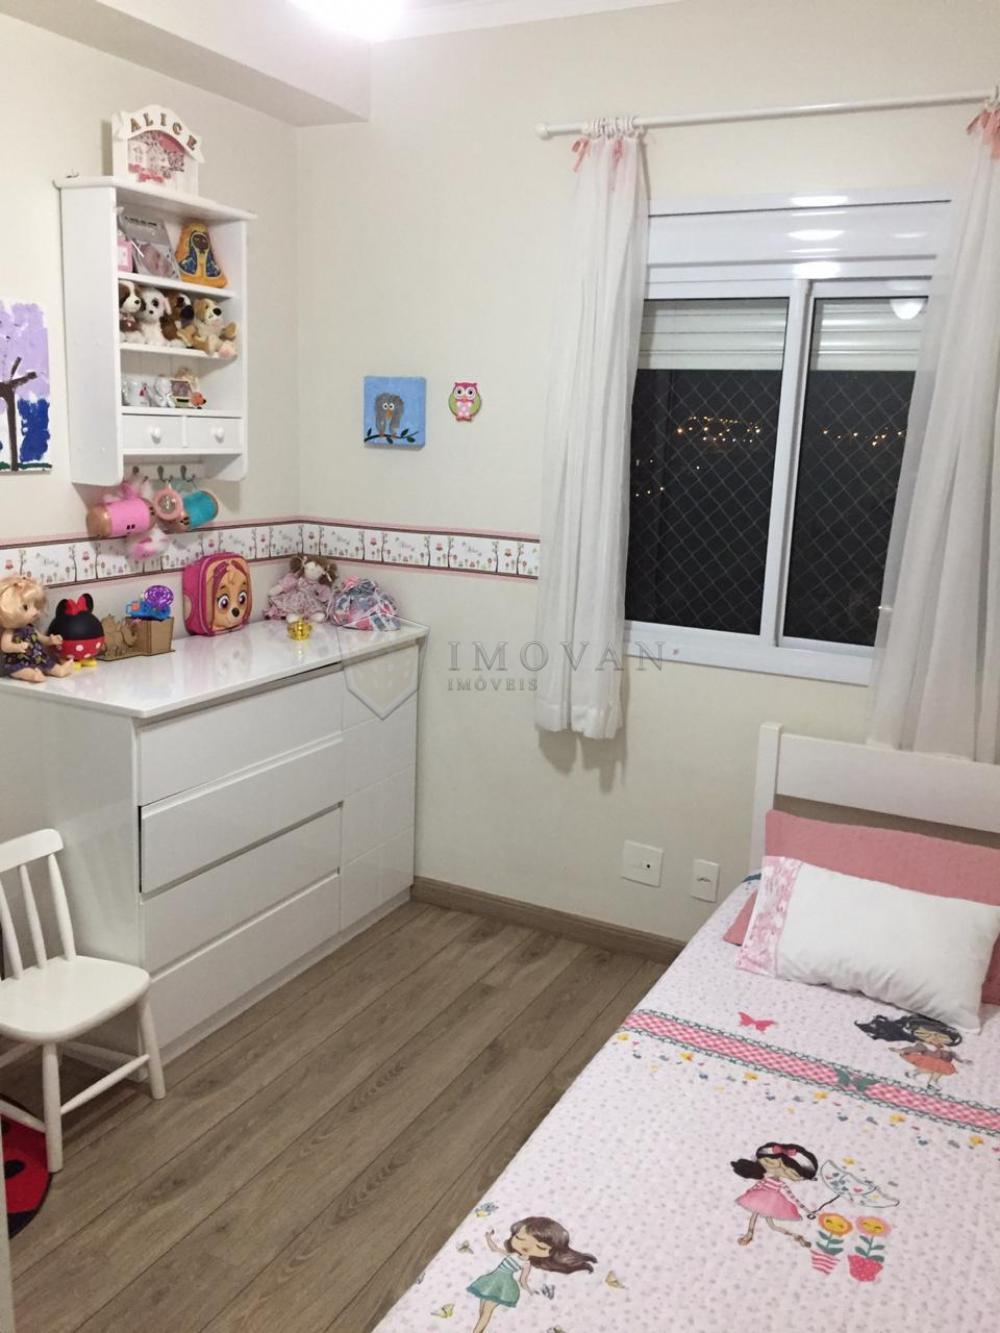 Comprar Apartamento / Padrão em Ribeirão Preto apenas R$ 550.000,00 - Foto 19